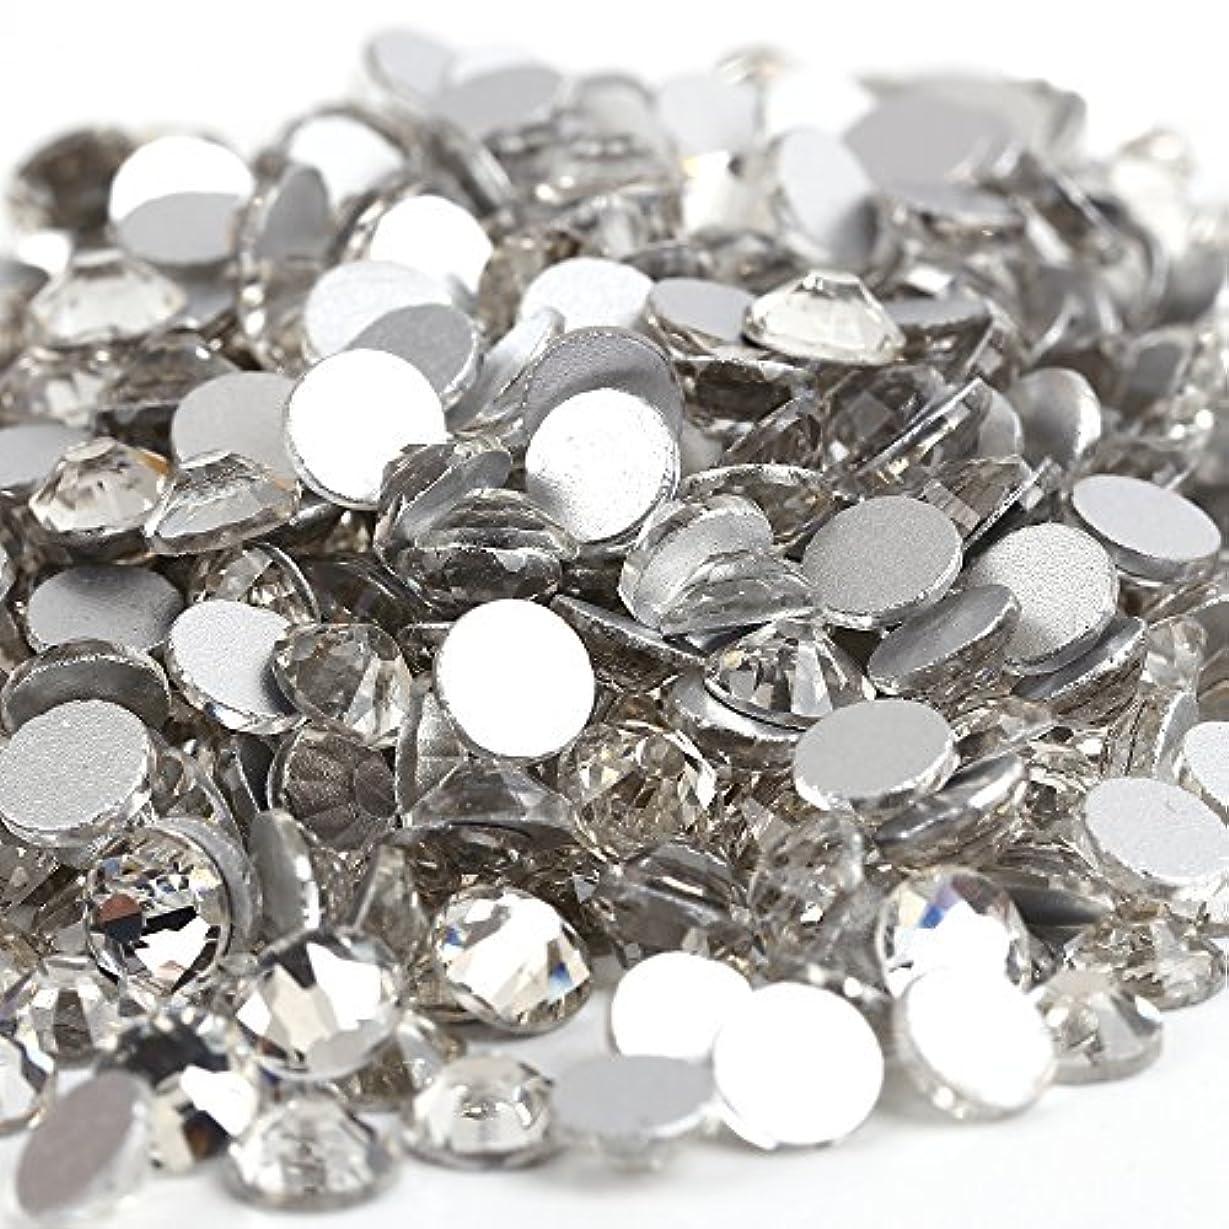 離れた海上発言するガラス製ラインストーン 1440粒 ネイル デコ クリスタル (3.0mm (SS12) 約1440粒) [並行輸入品]